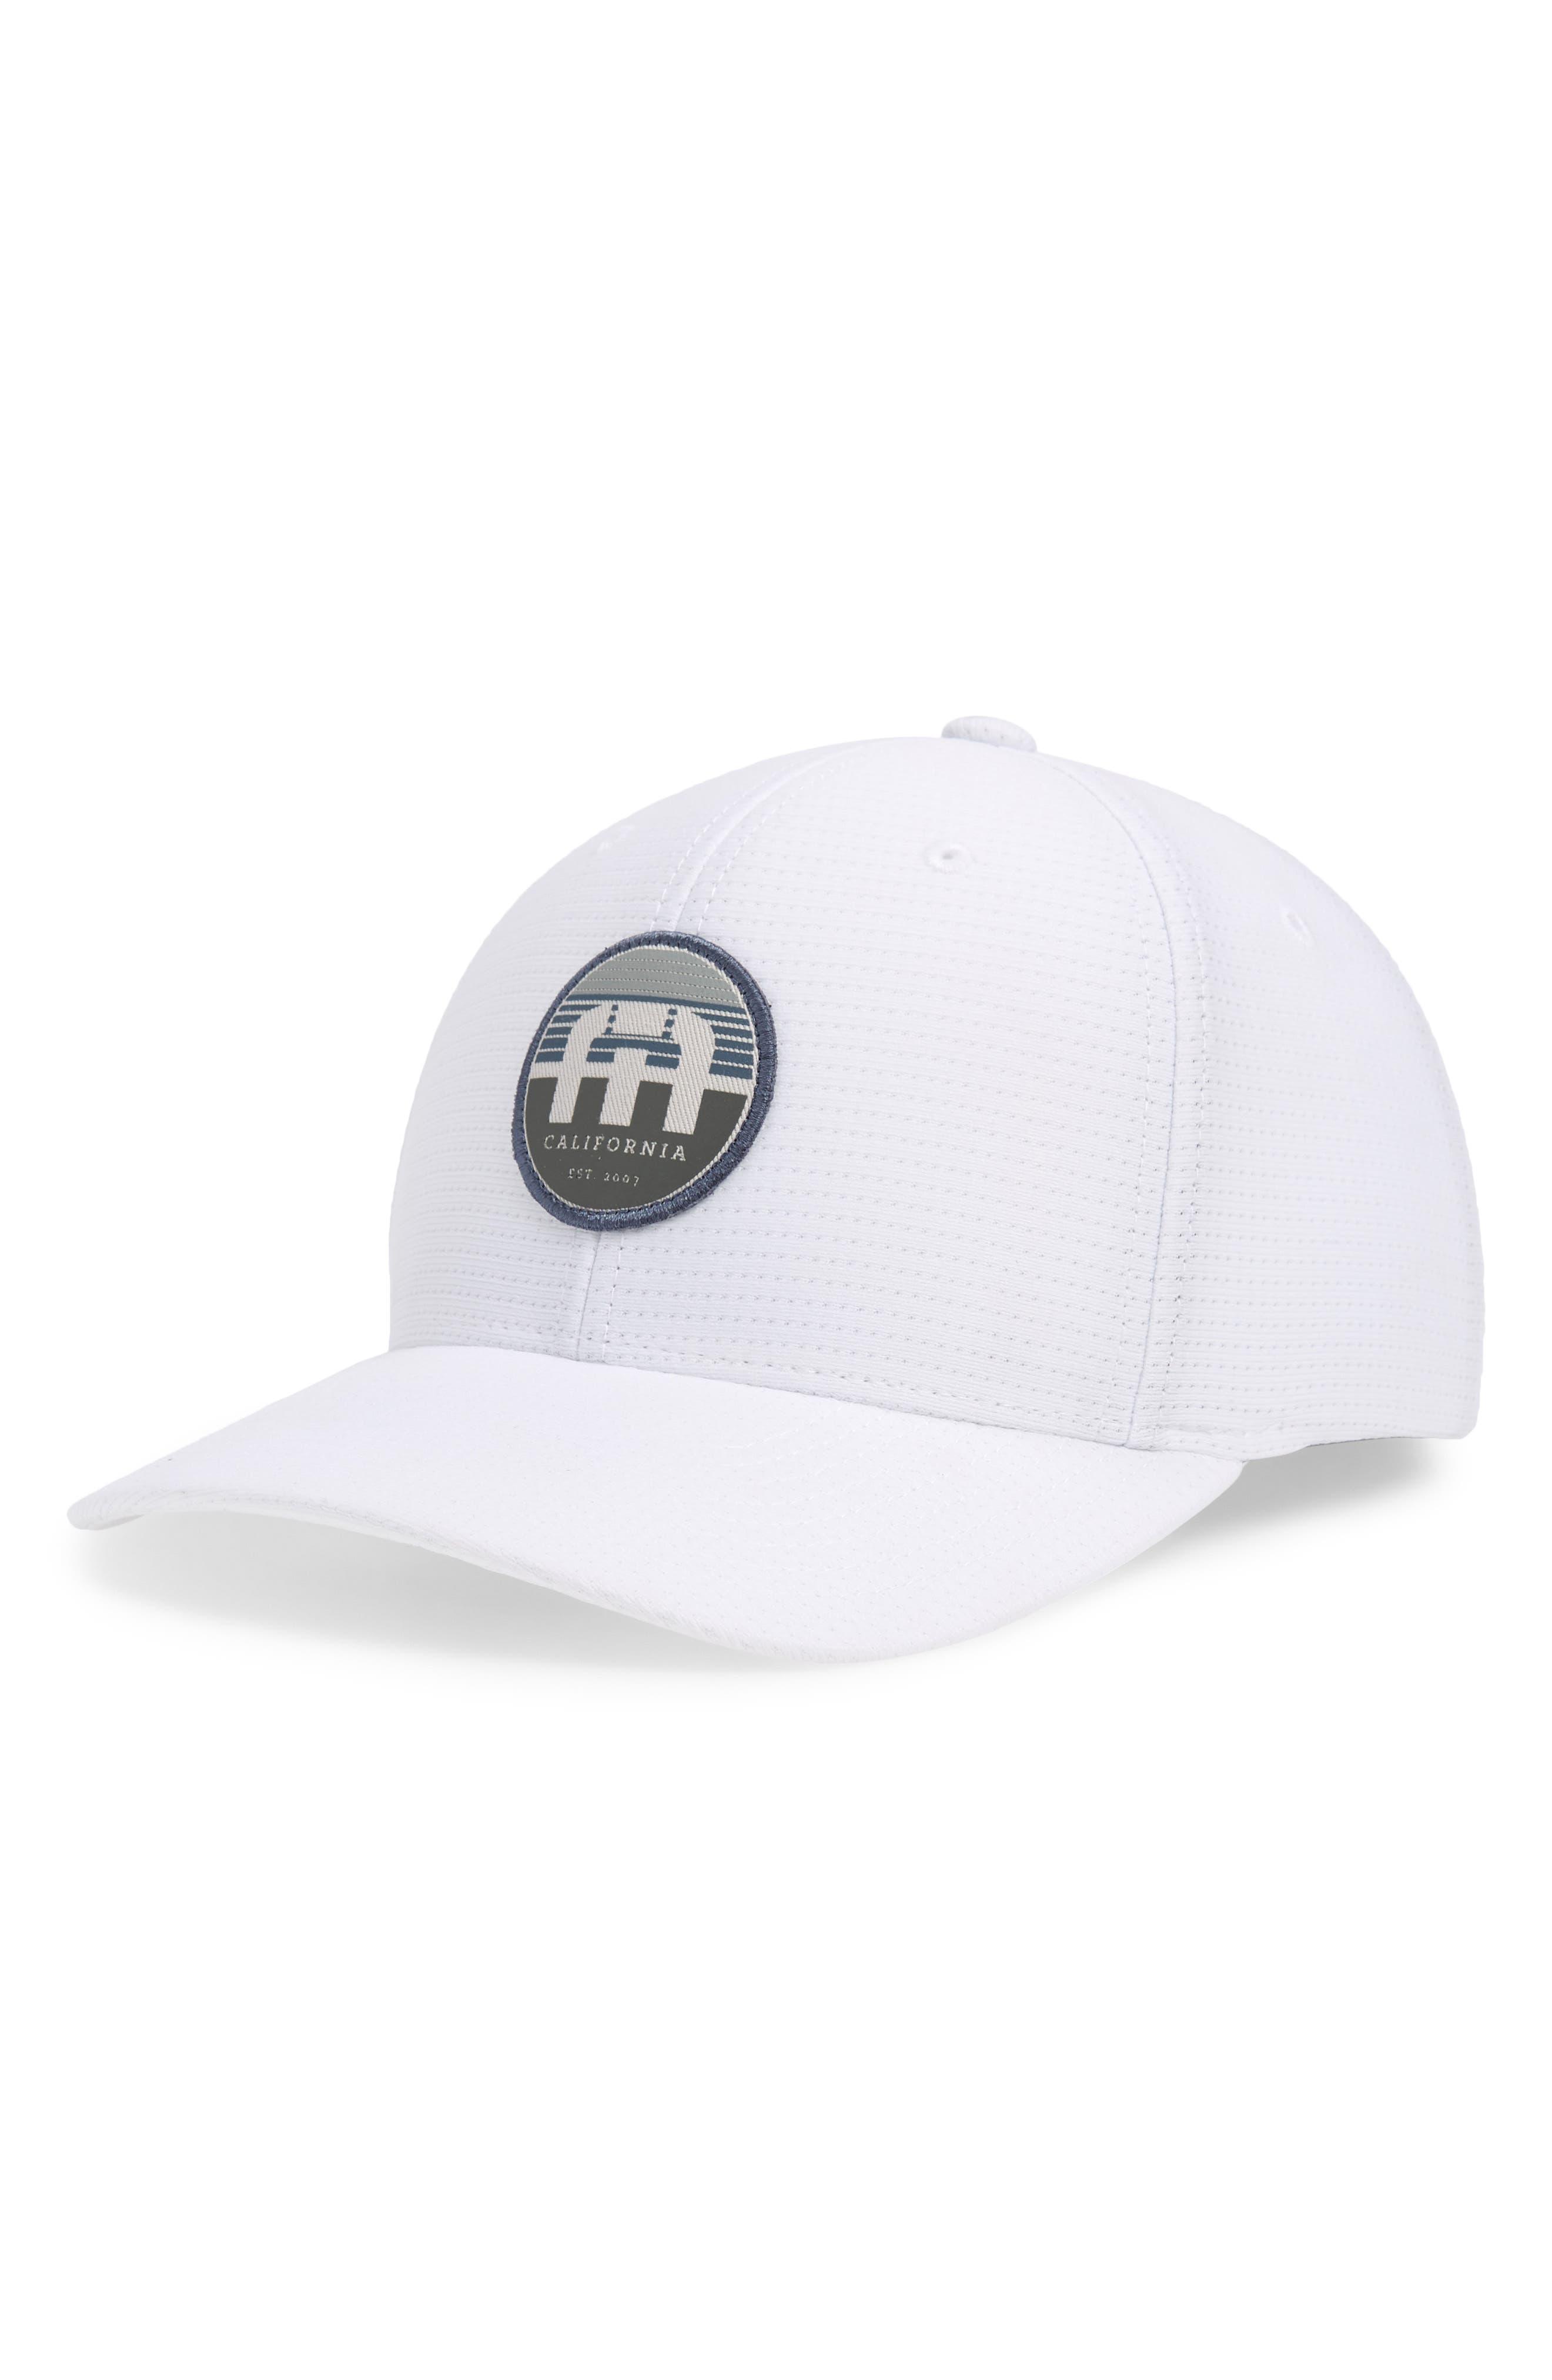 Travis Mathew Septor Ball Cap